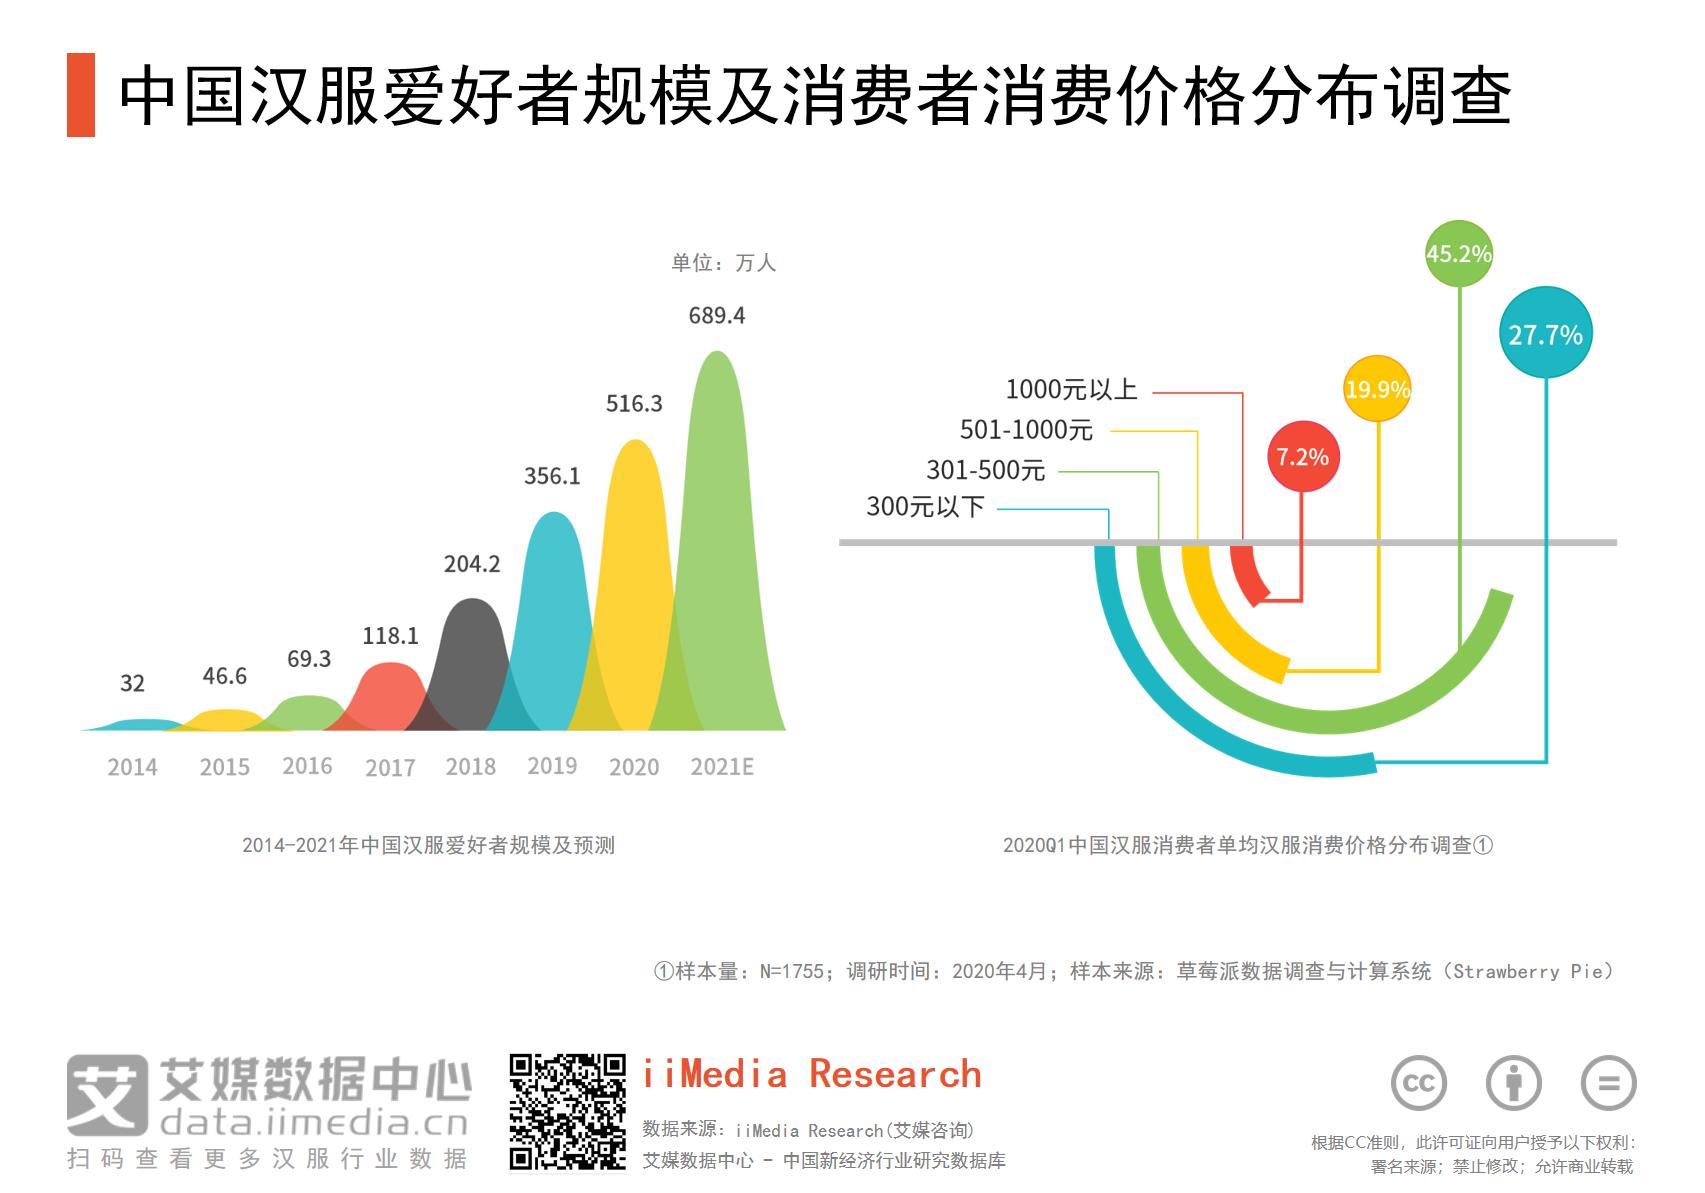 中国汉服爱好者规模及消费者消费价格调查